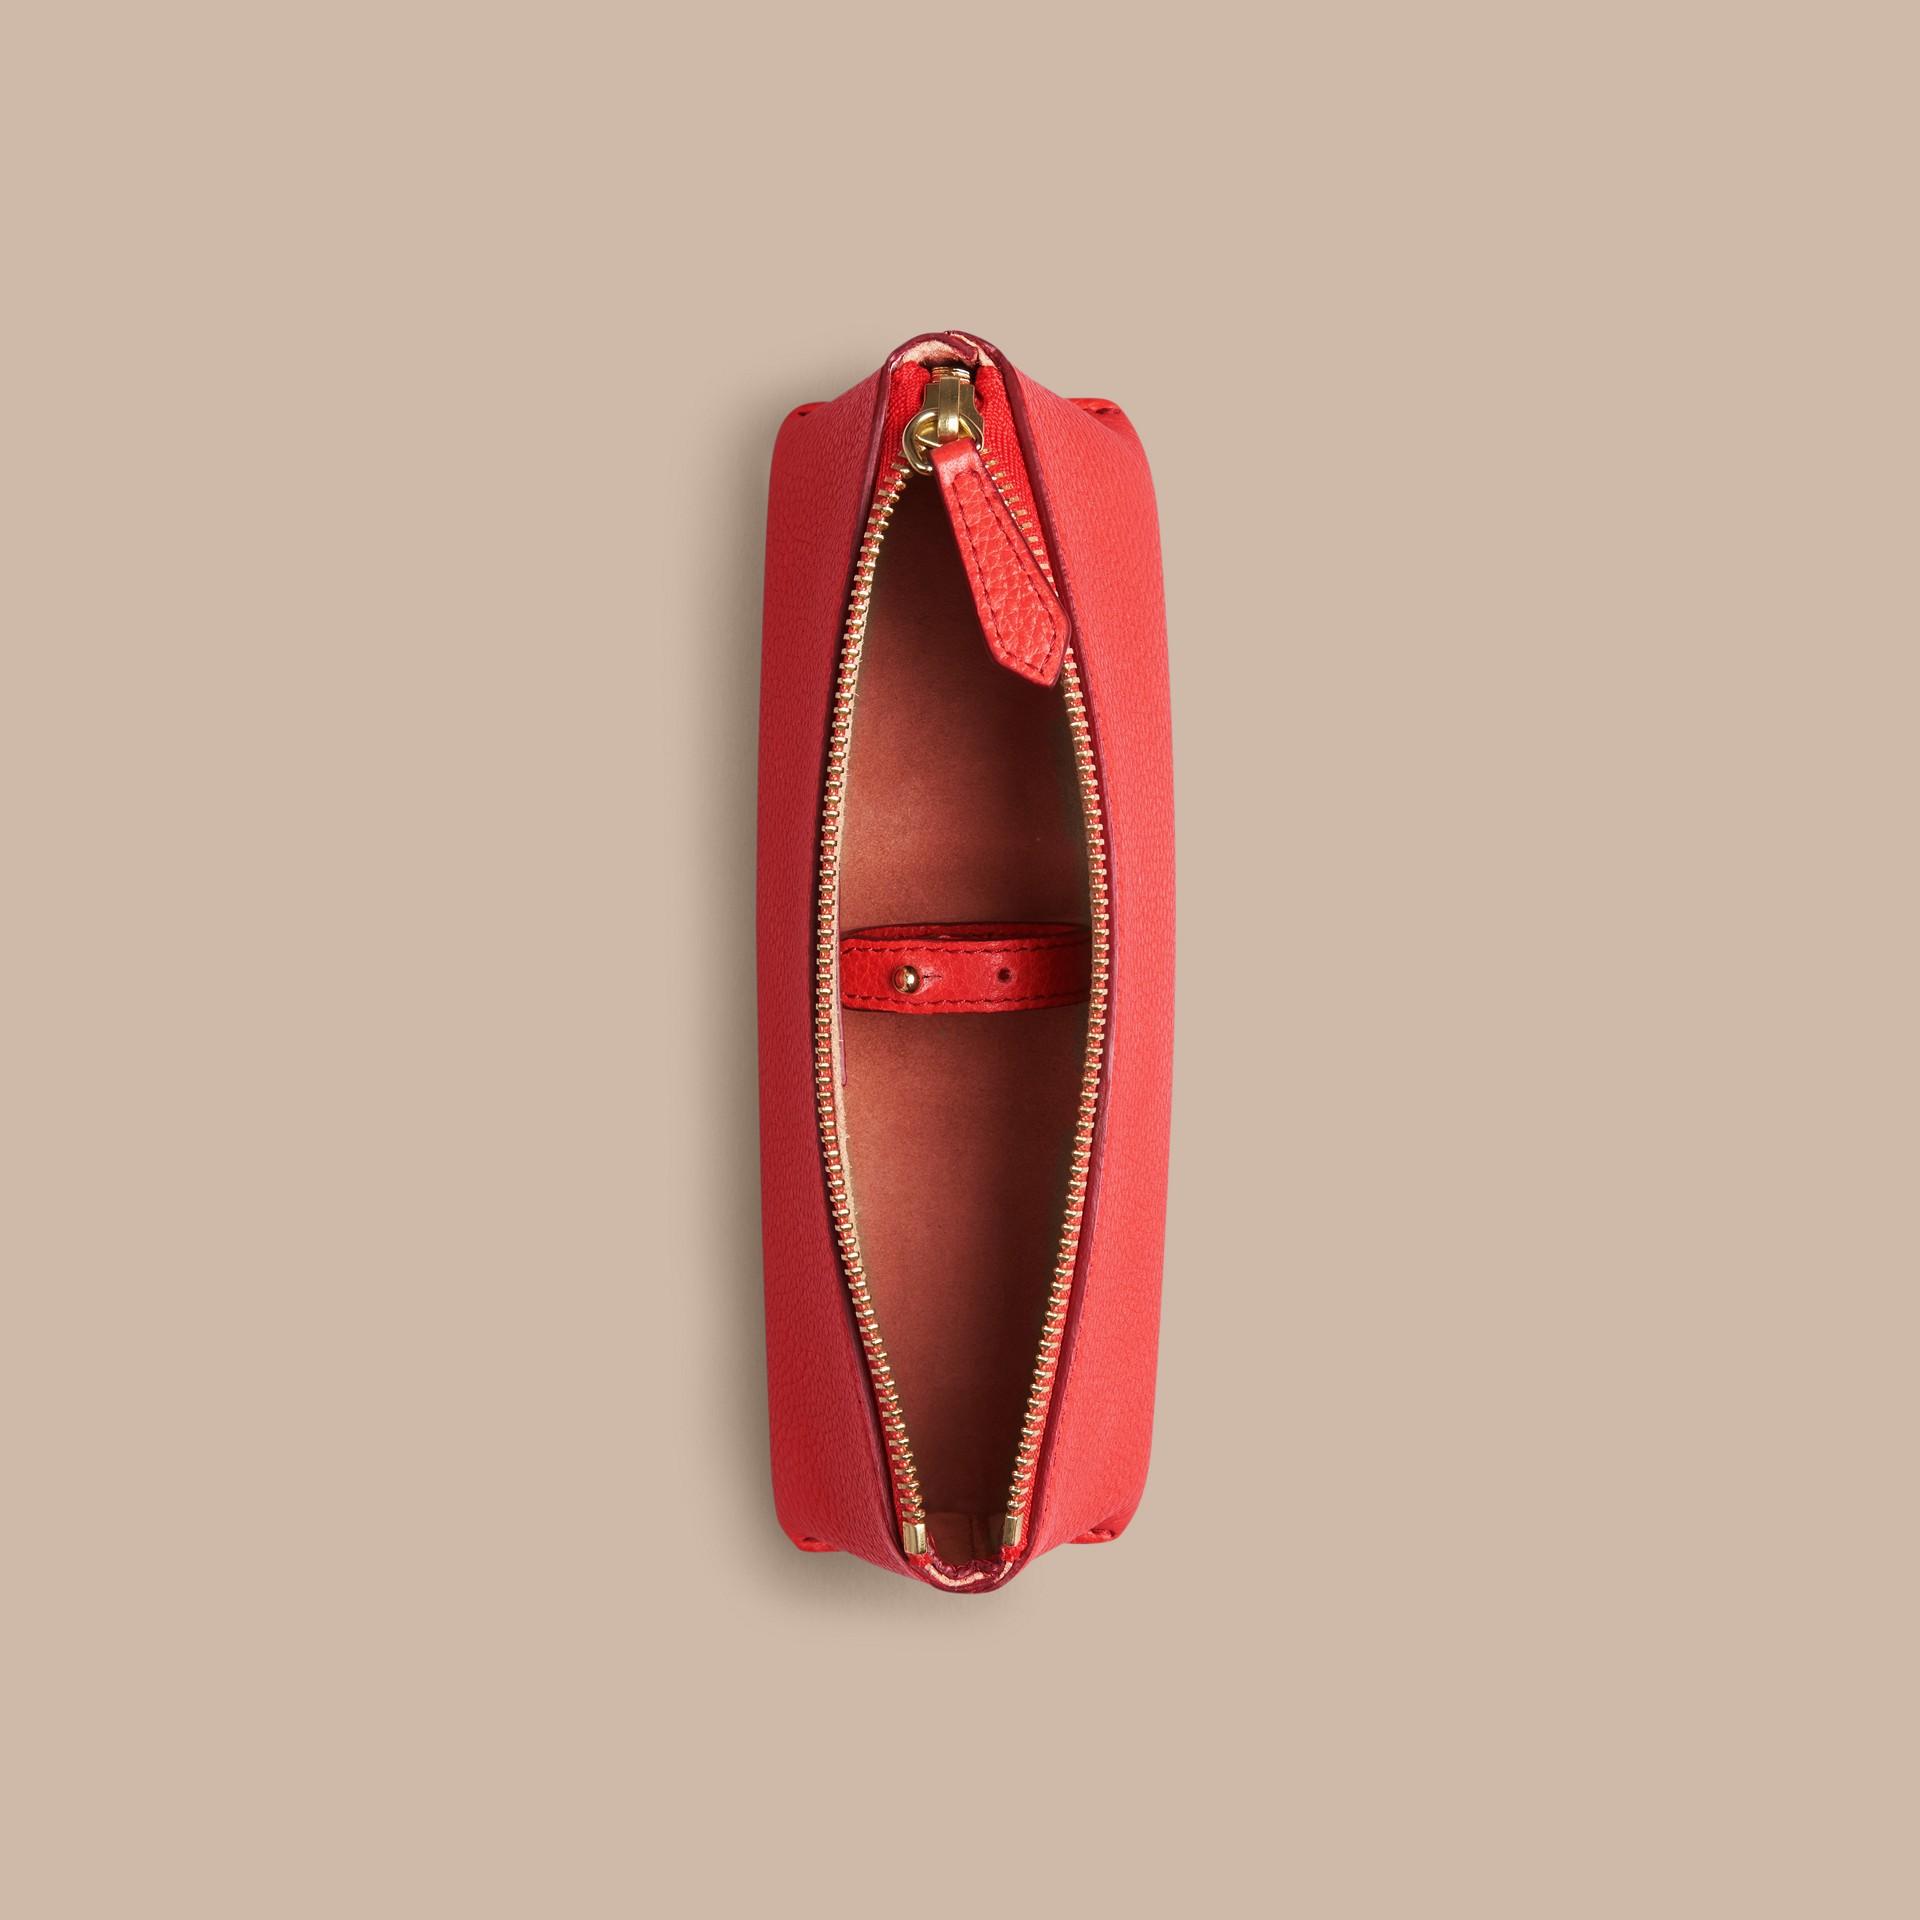 Rouge orangé Petite pochette pour accessoires numériques en cuir grainé Rouge Orangé - photo de la galerie 2